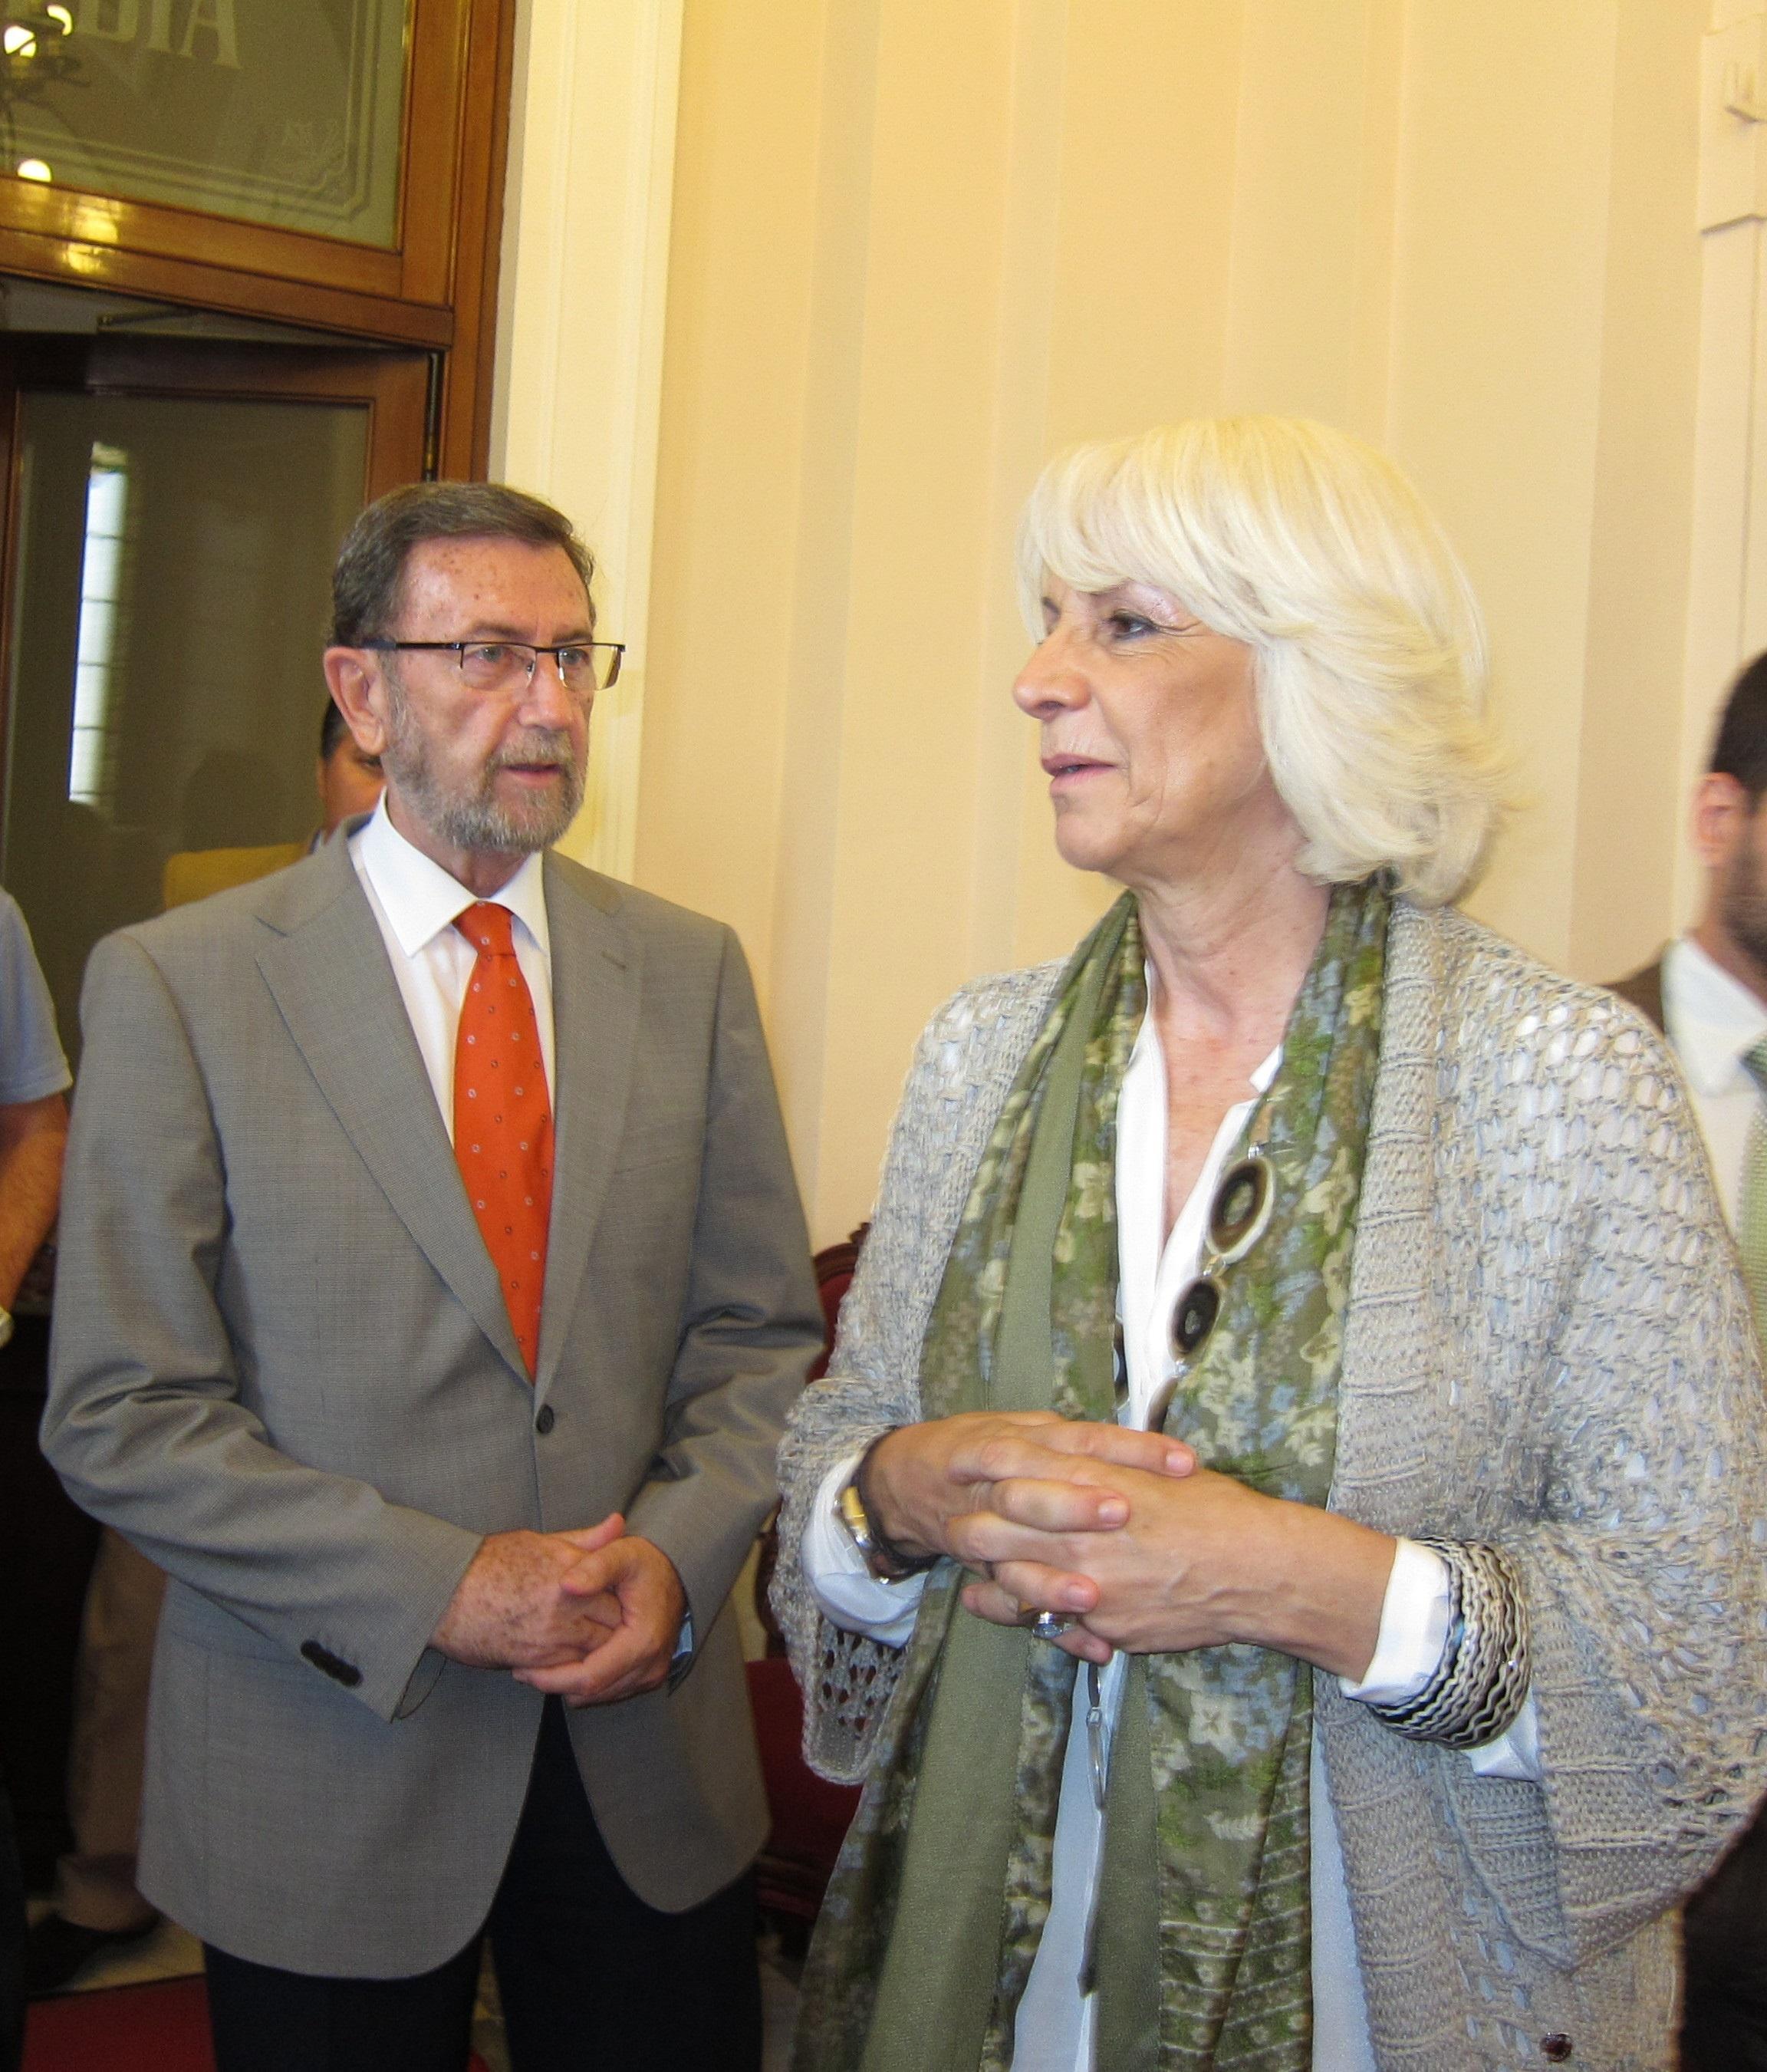 Gracia destaca que «el Parlamento andaluz es una institución, no un club o una pandilla», y se rige por un reglamento